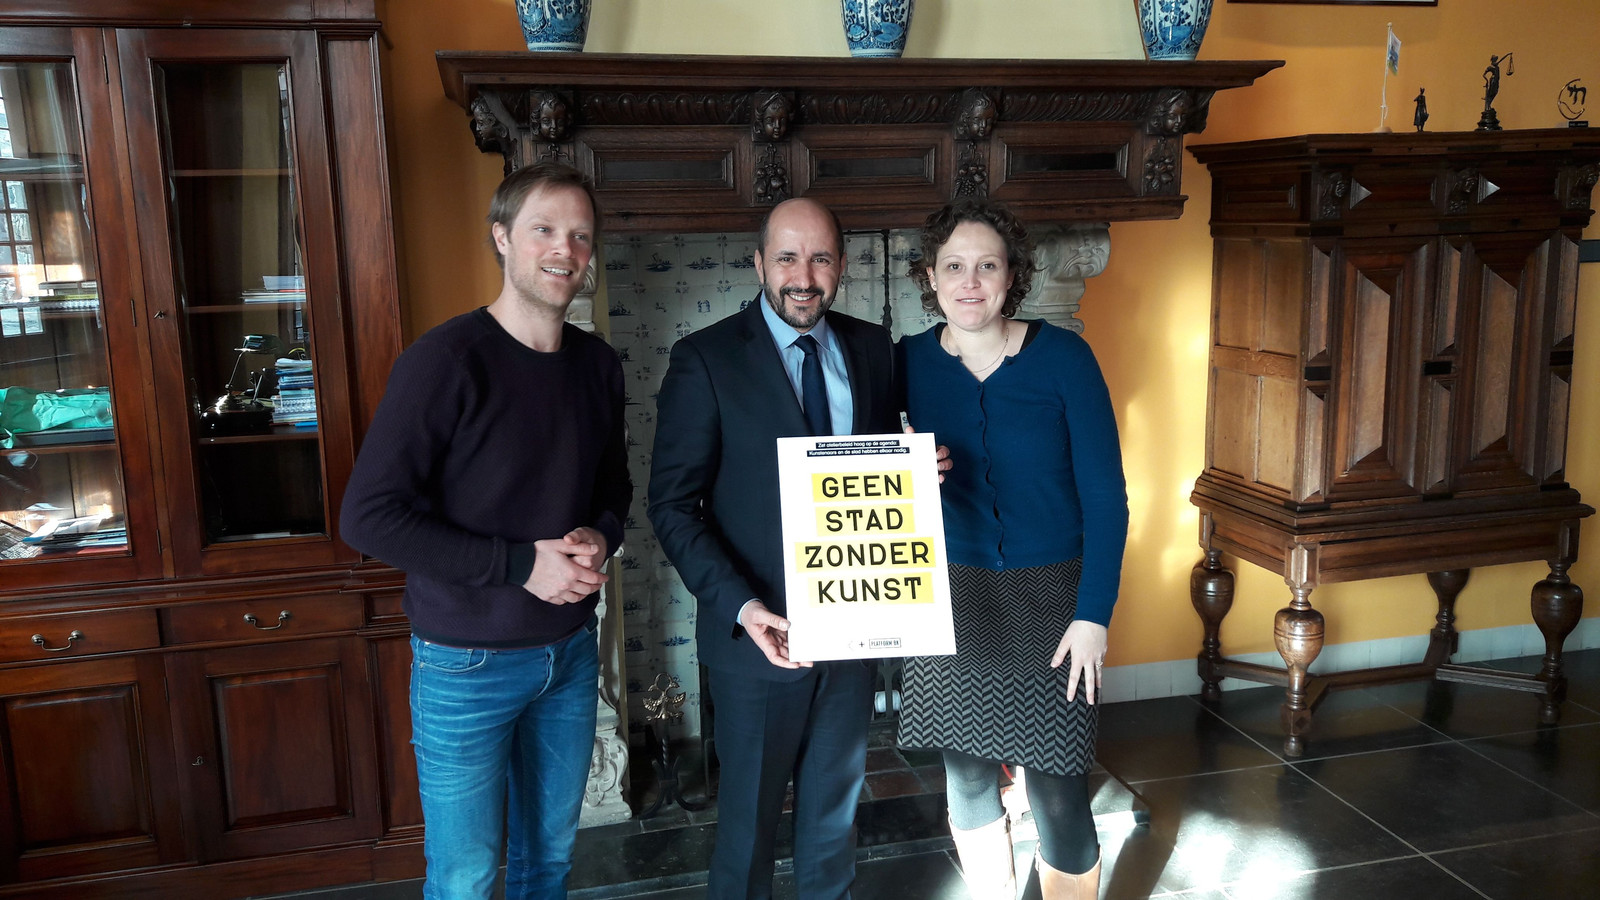 Burgemeester Marcouch (m) neemt een manifest met aanbevelingen voor de kunst in ontvangst van Joram Kraaijeveld (l) en Lene Grooten (r).